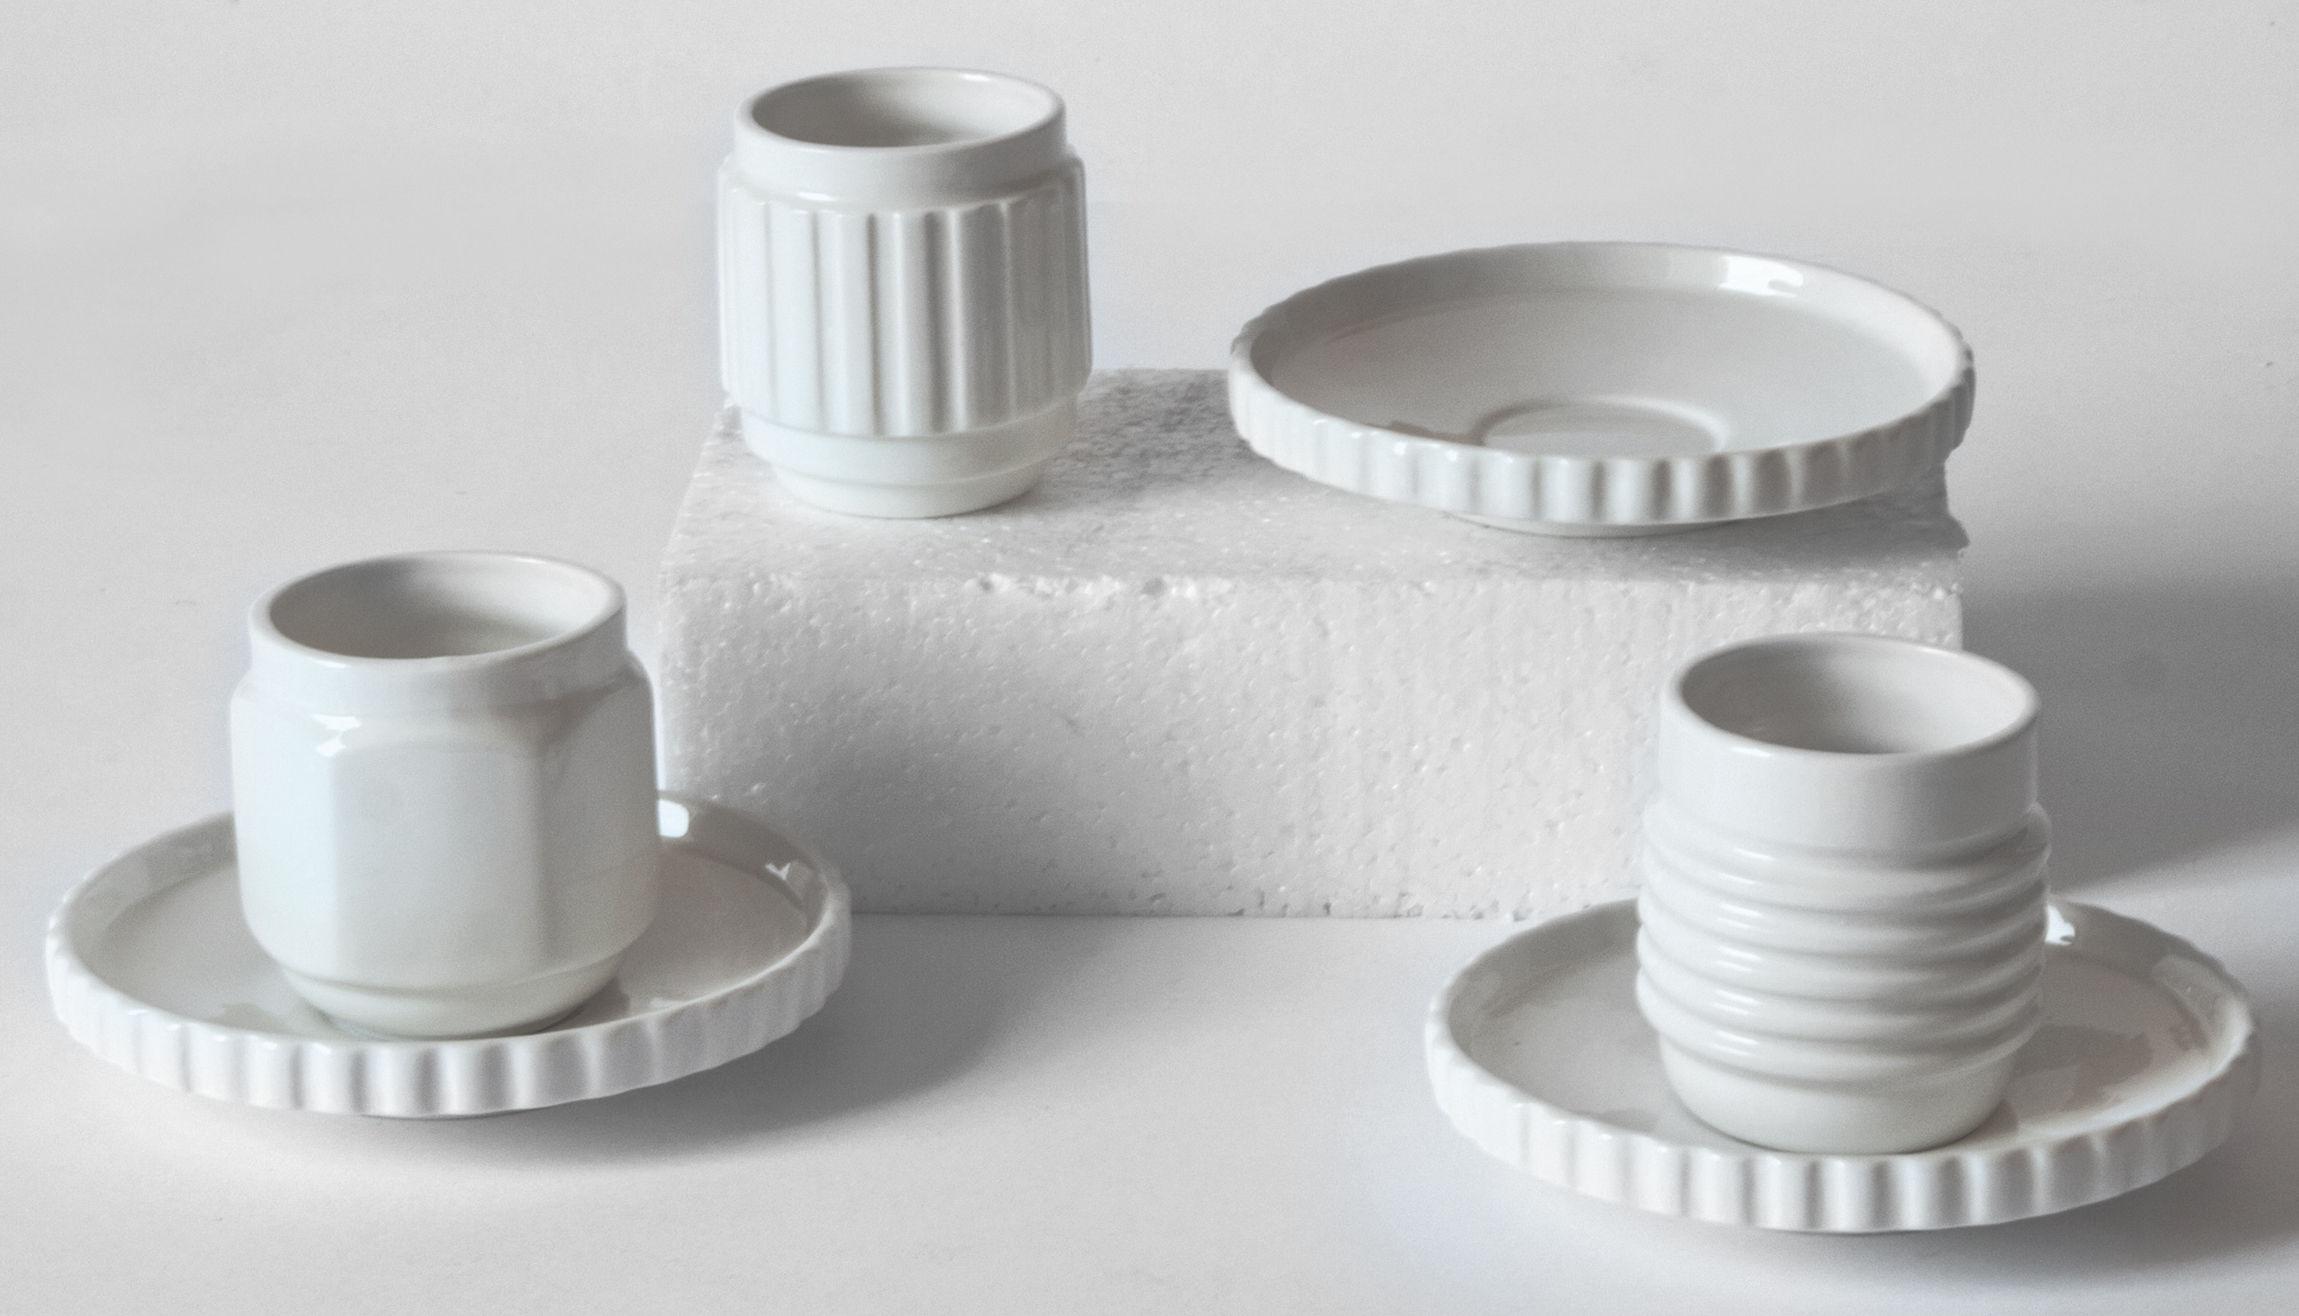 Tischkultur - Tassen und Becher - Machine Collection Espressotasse / Set aus 3 Tassen + 3 Untertassen - Diesel living with Seletti - Weiß - Porzellan